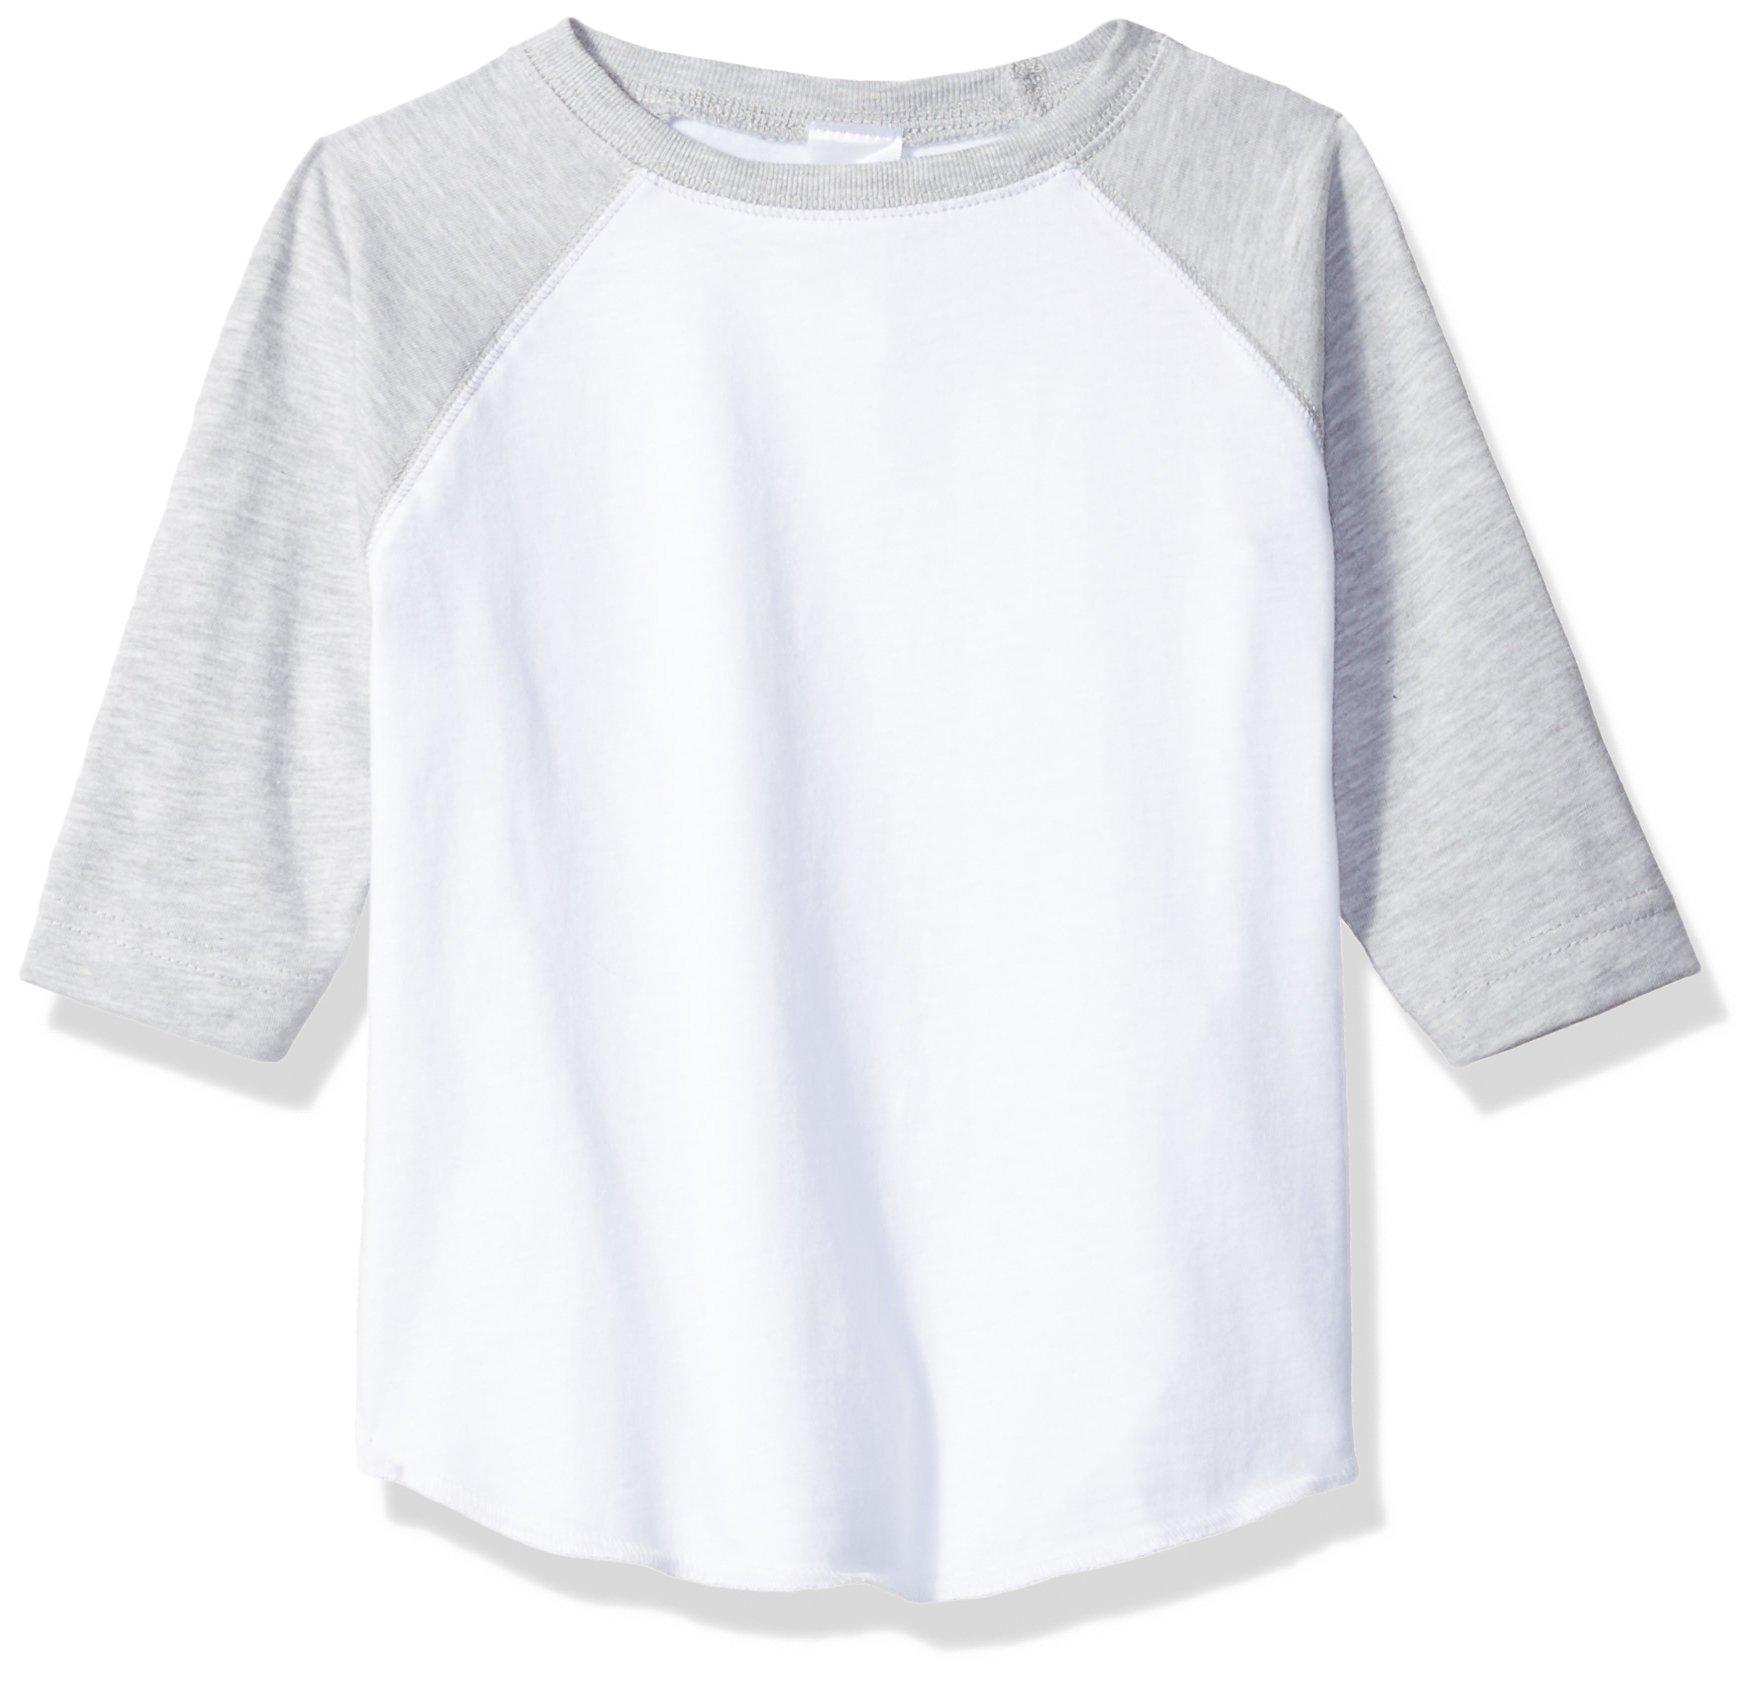 Clementine Toddler Kids Baseball Softline Fine Jersey T-Shirt, White/VN HTHR, 2T